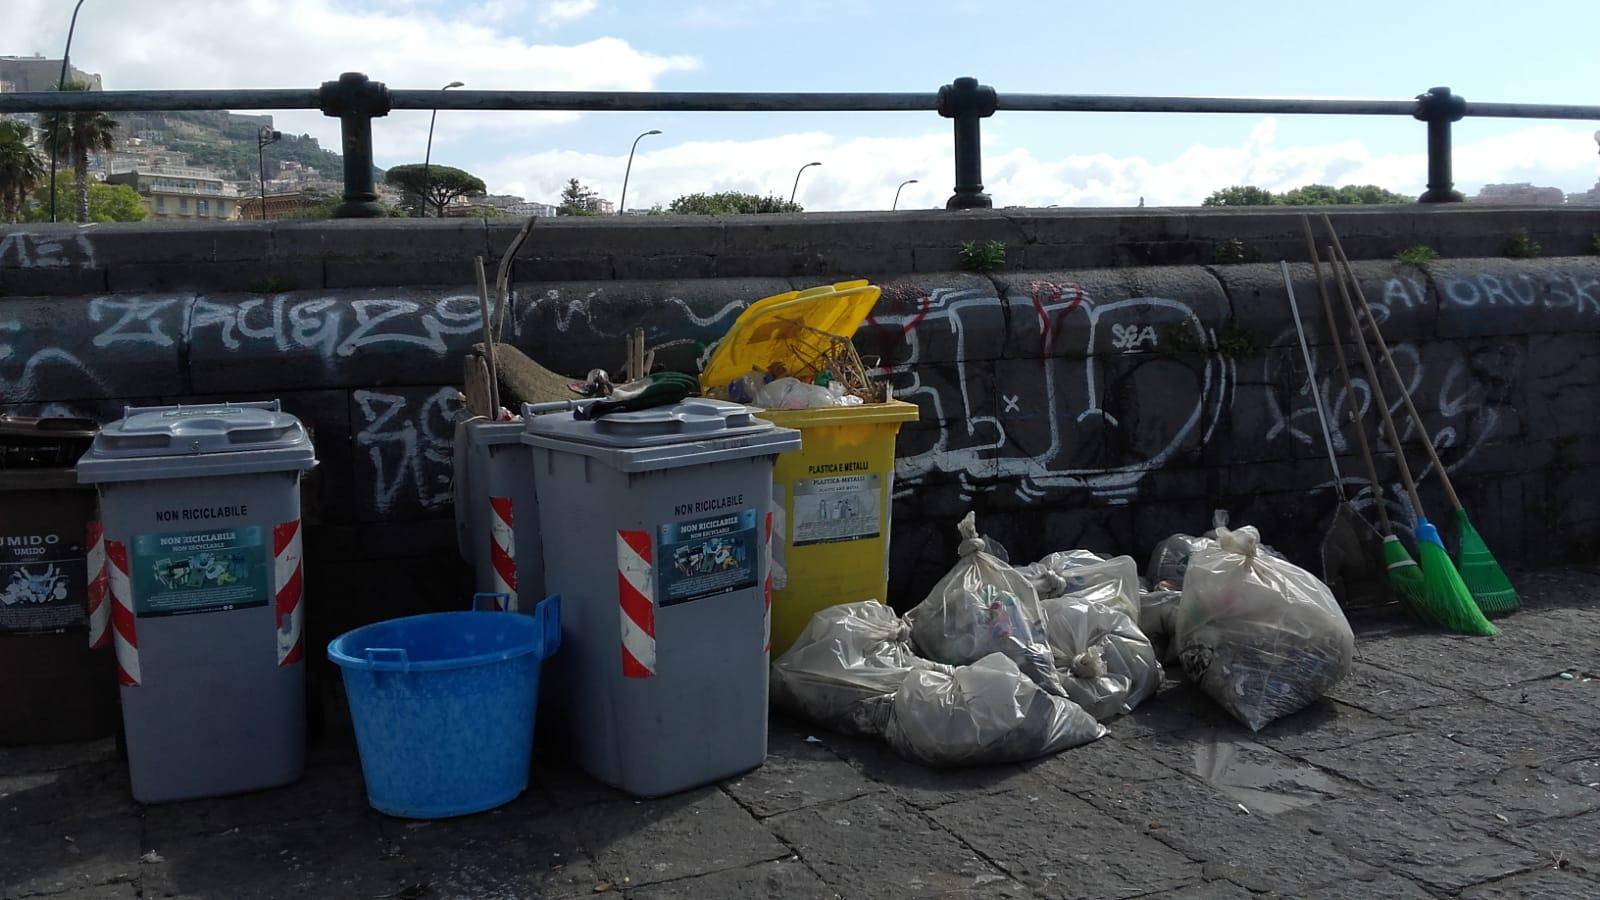 Napoli, libero accesso alle spiagge comunali